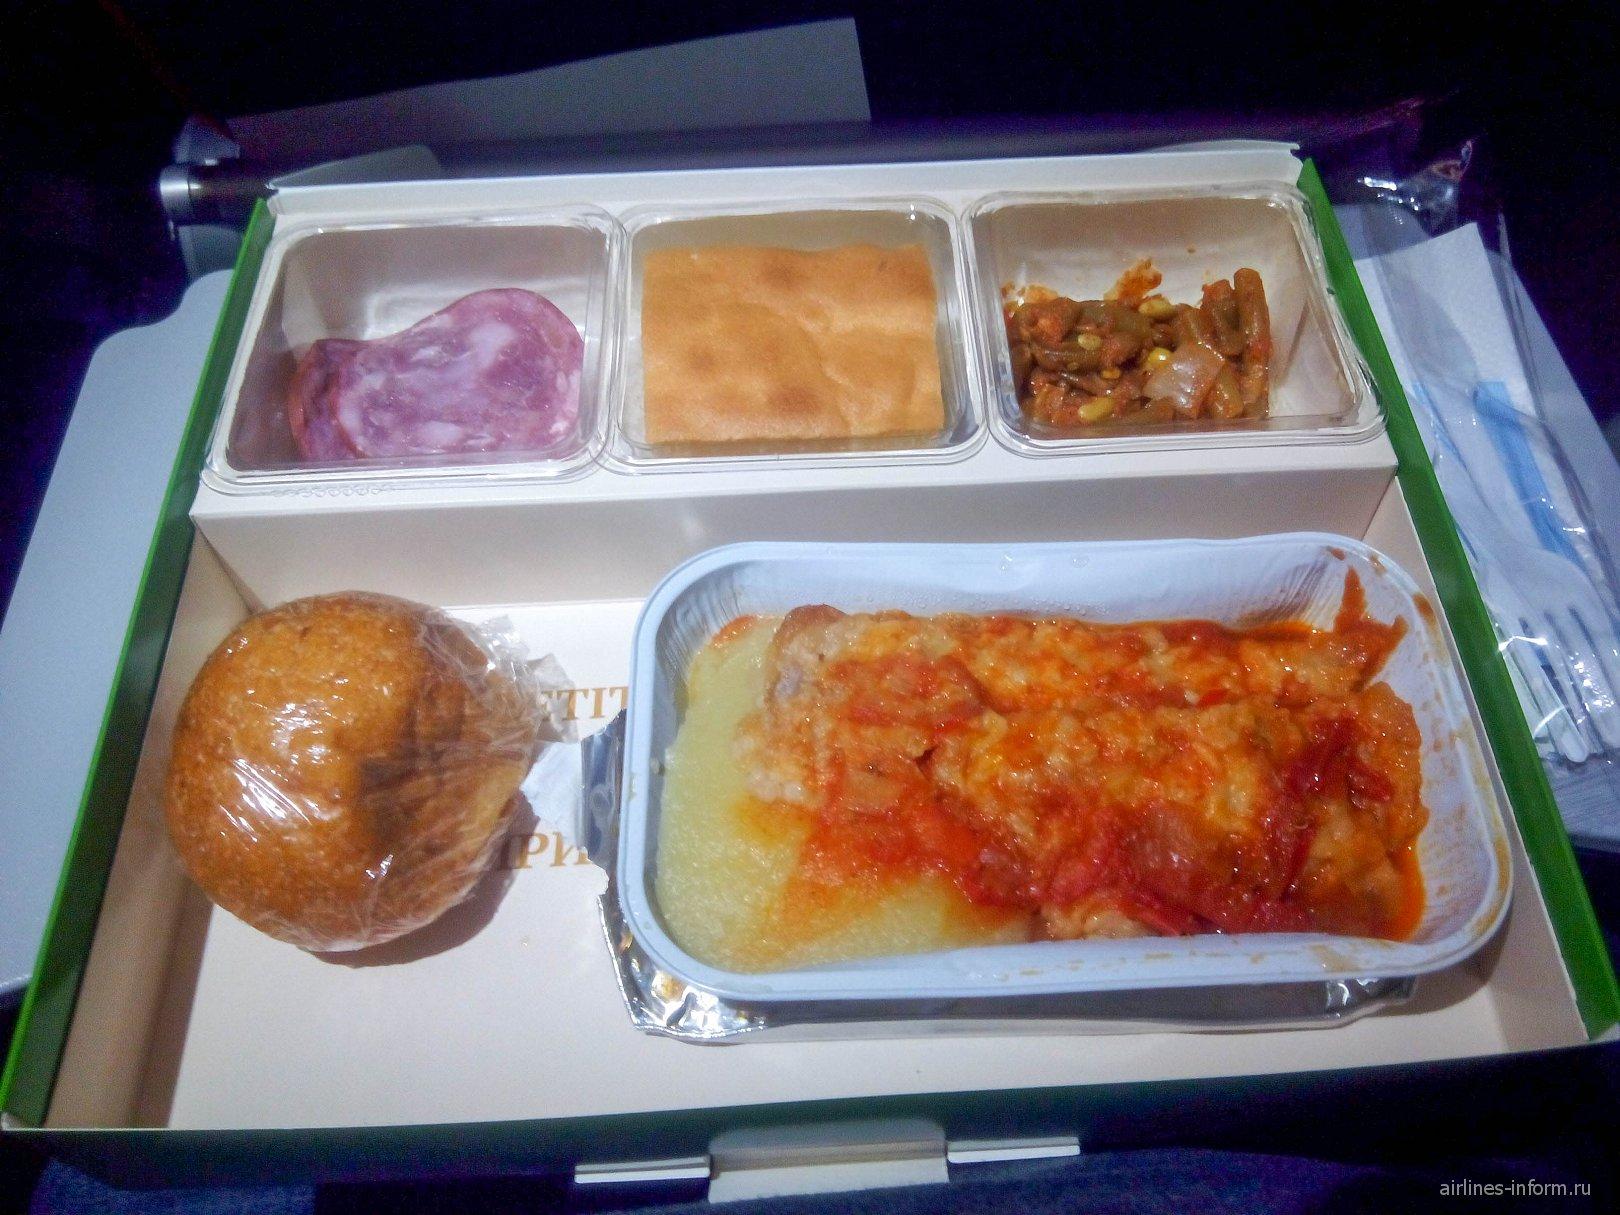 Халяльное питание на рейсе Аэрофлота Москва-Владивосток